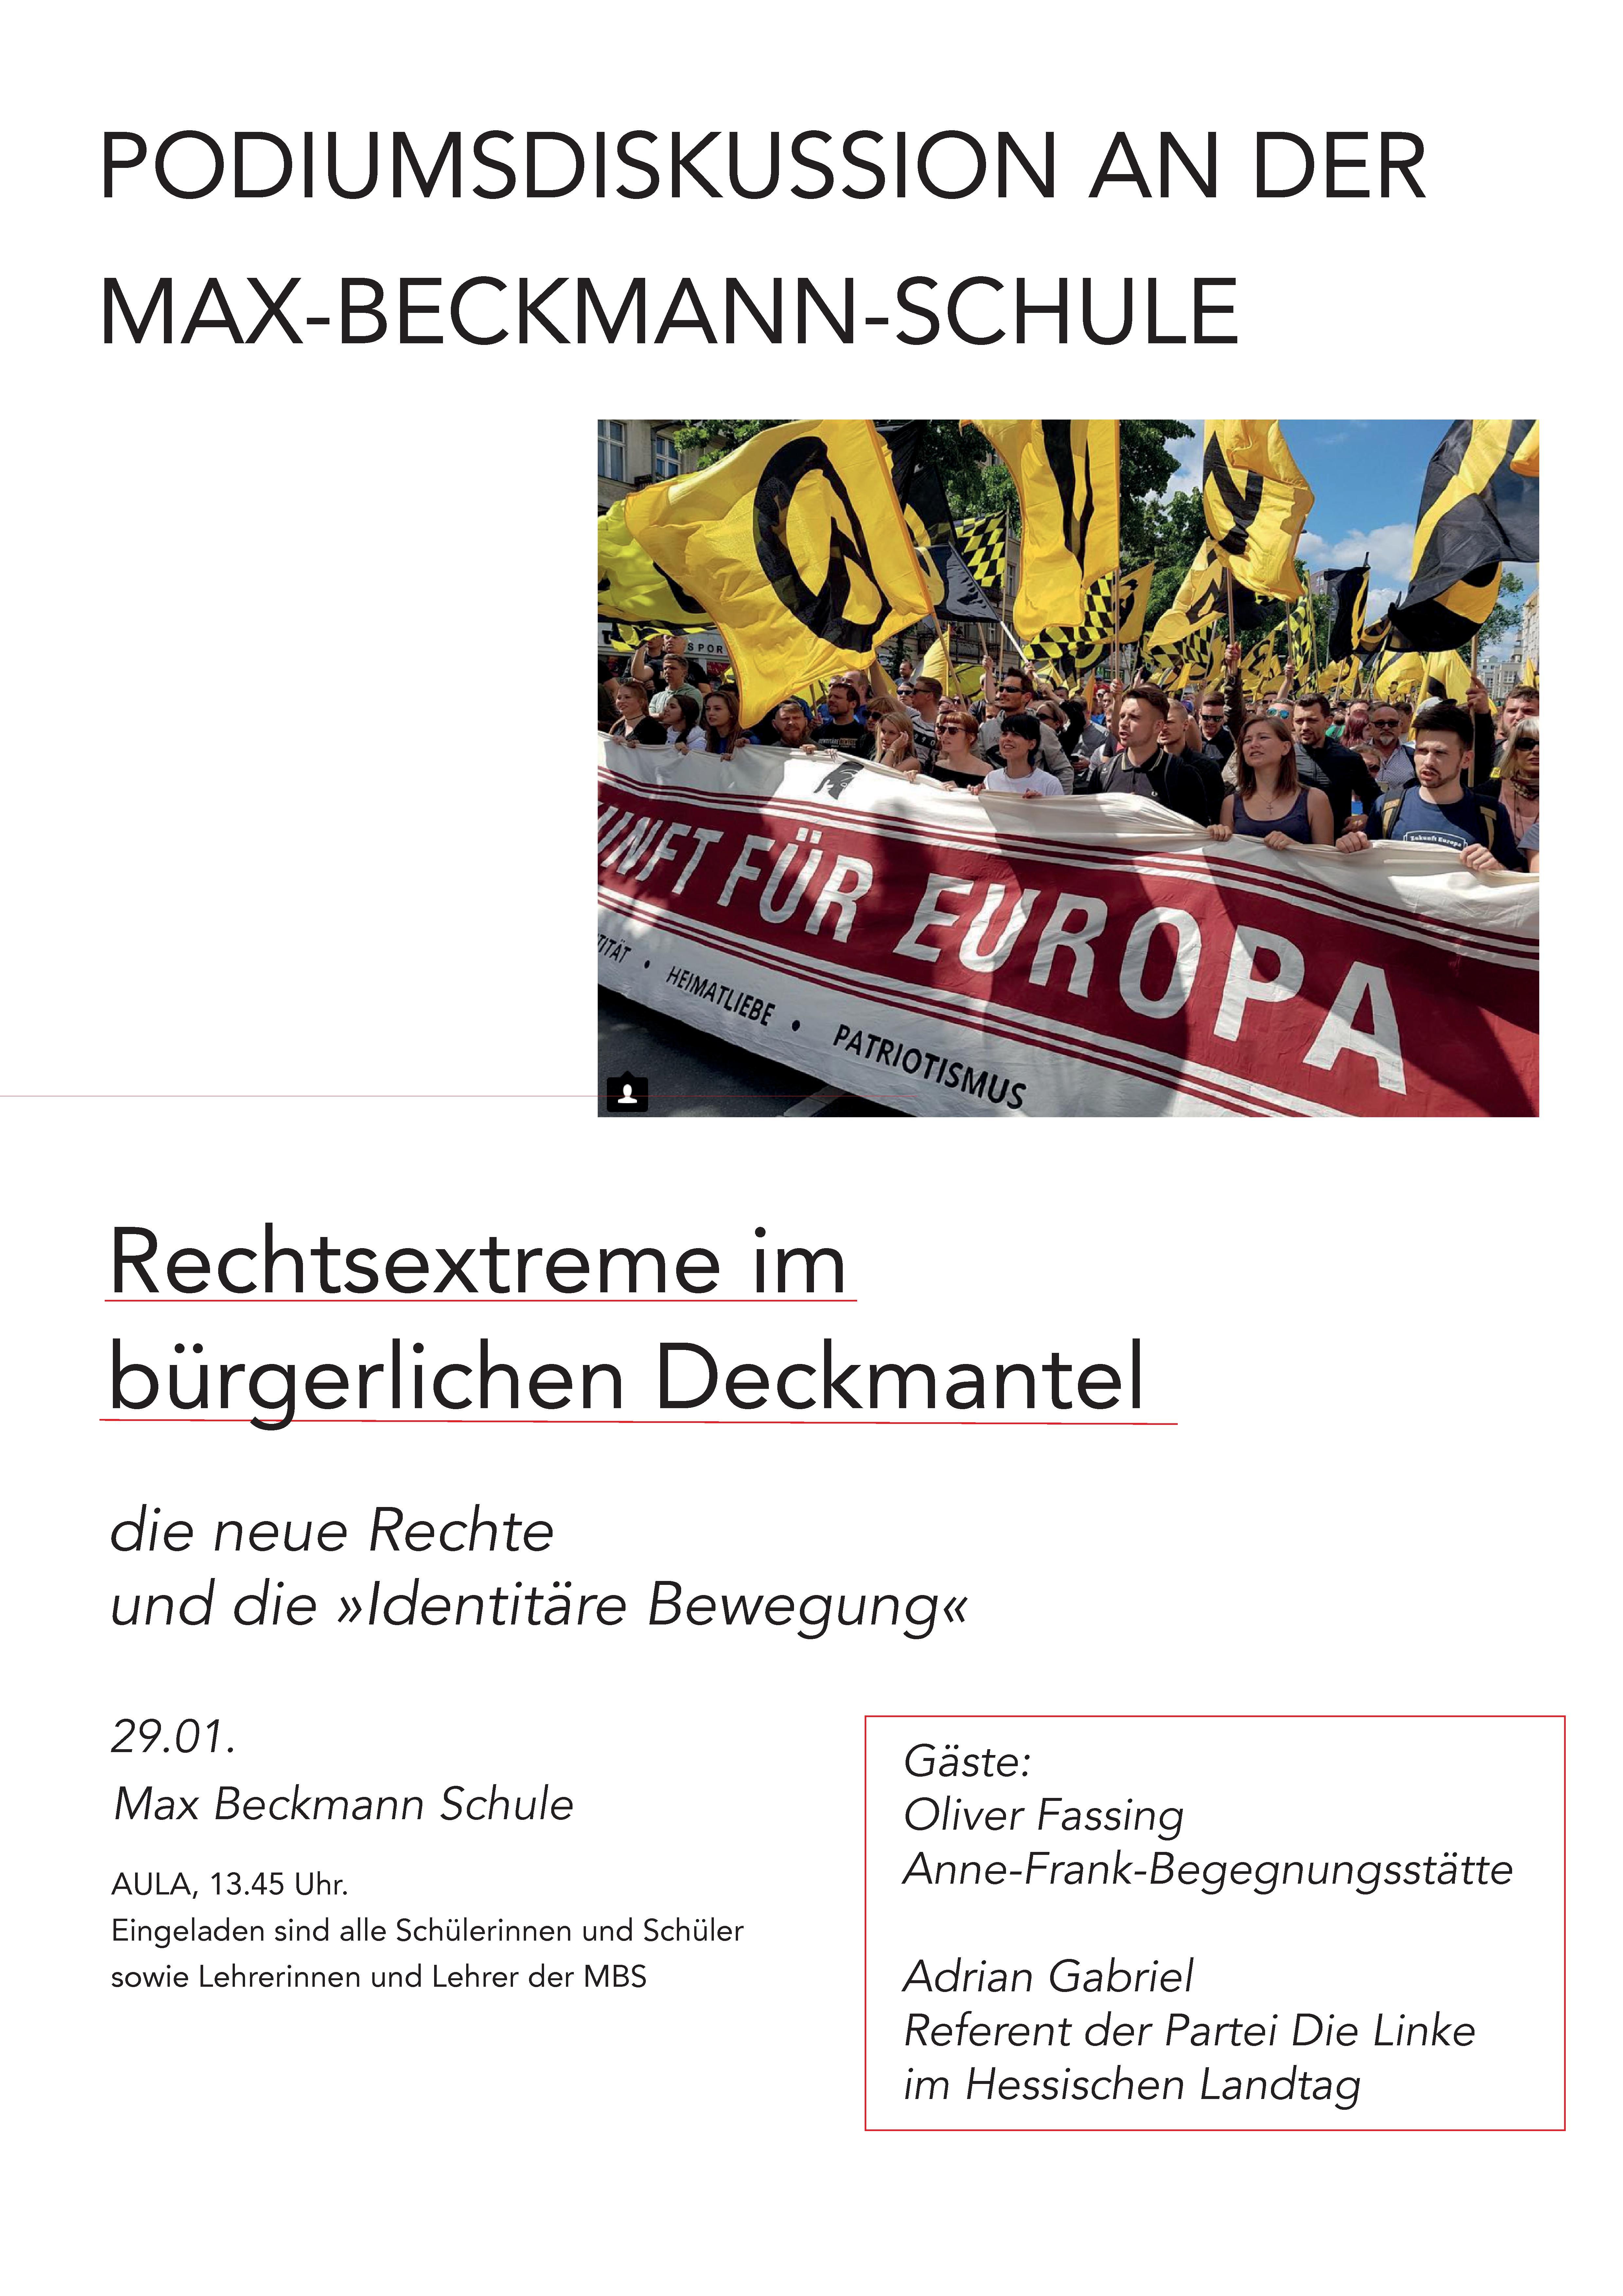 Plakat zur Podiumsdiskussion